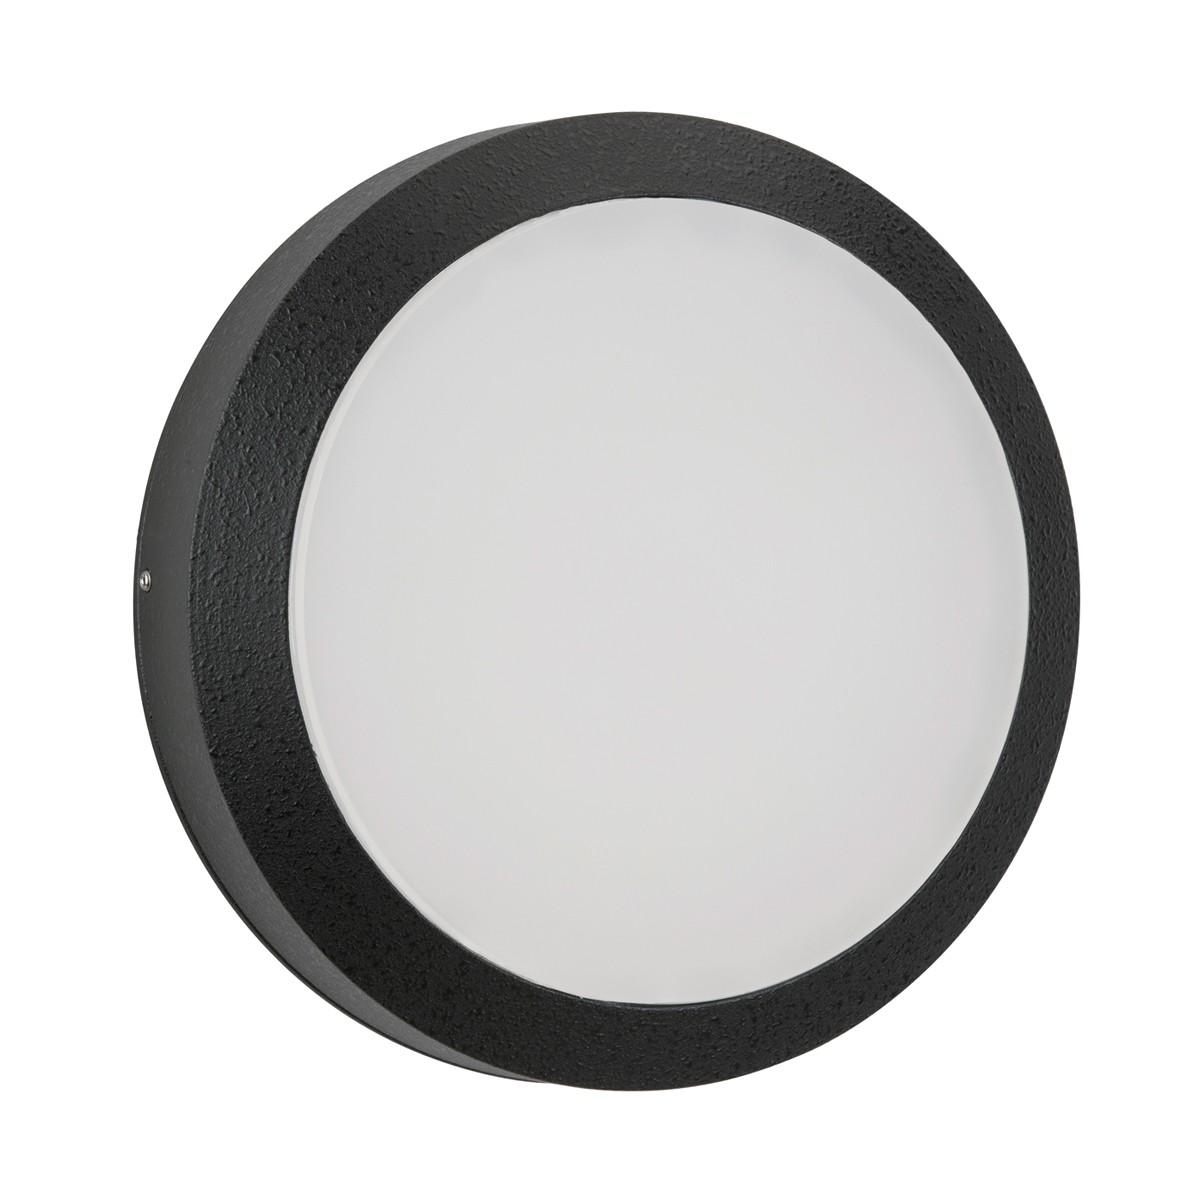 Albert 6404 Wand- / Deckenleuchte, schwarz